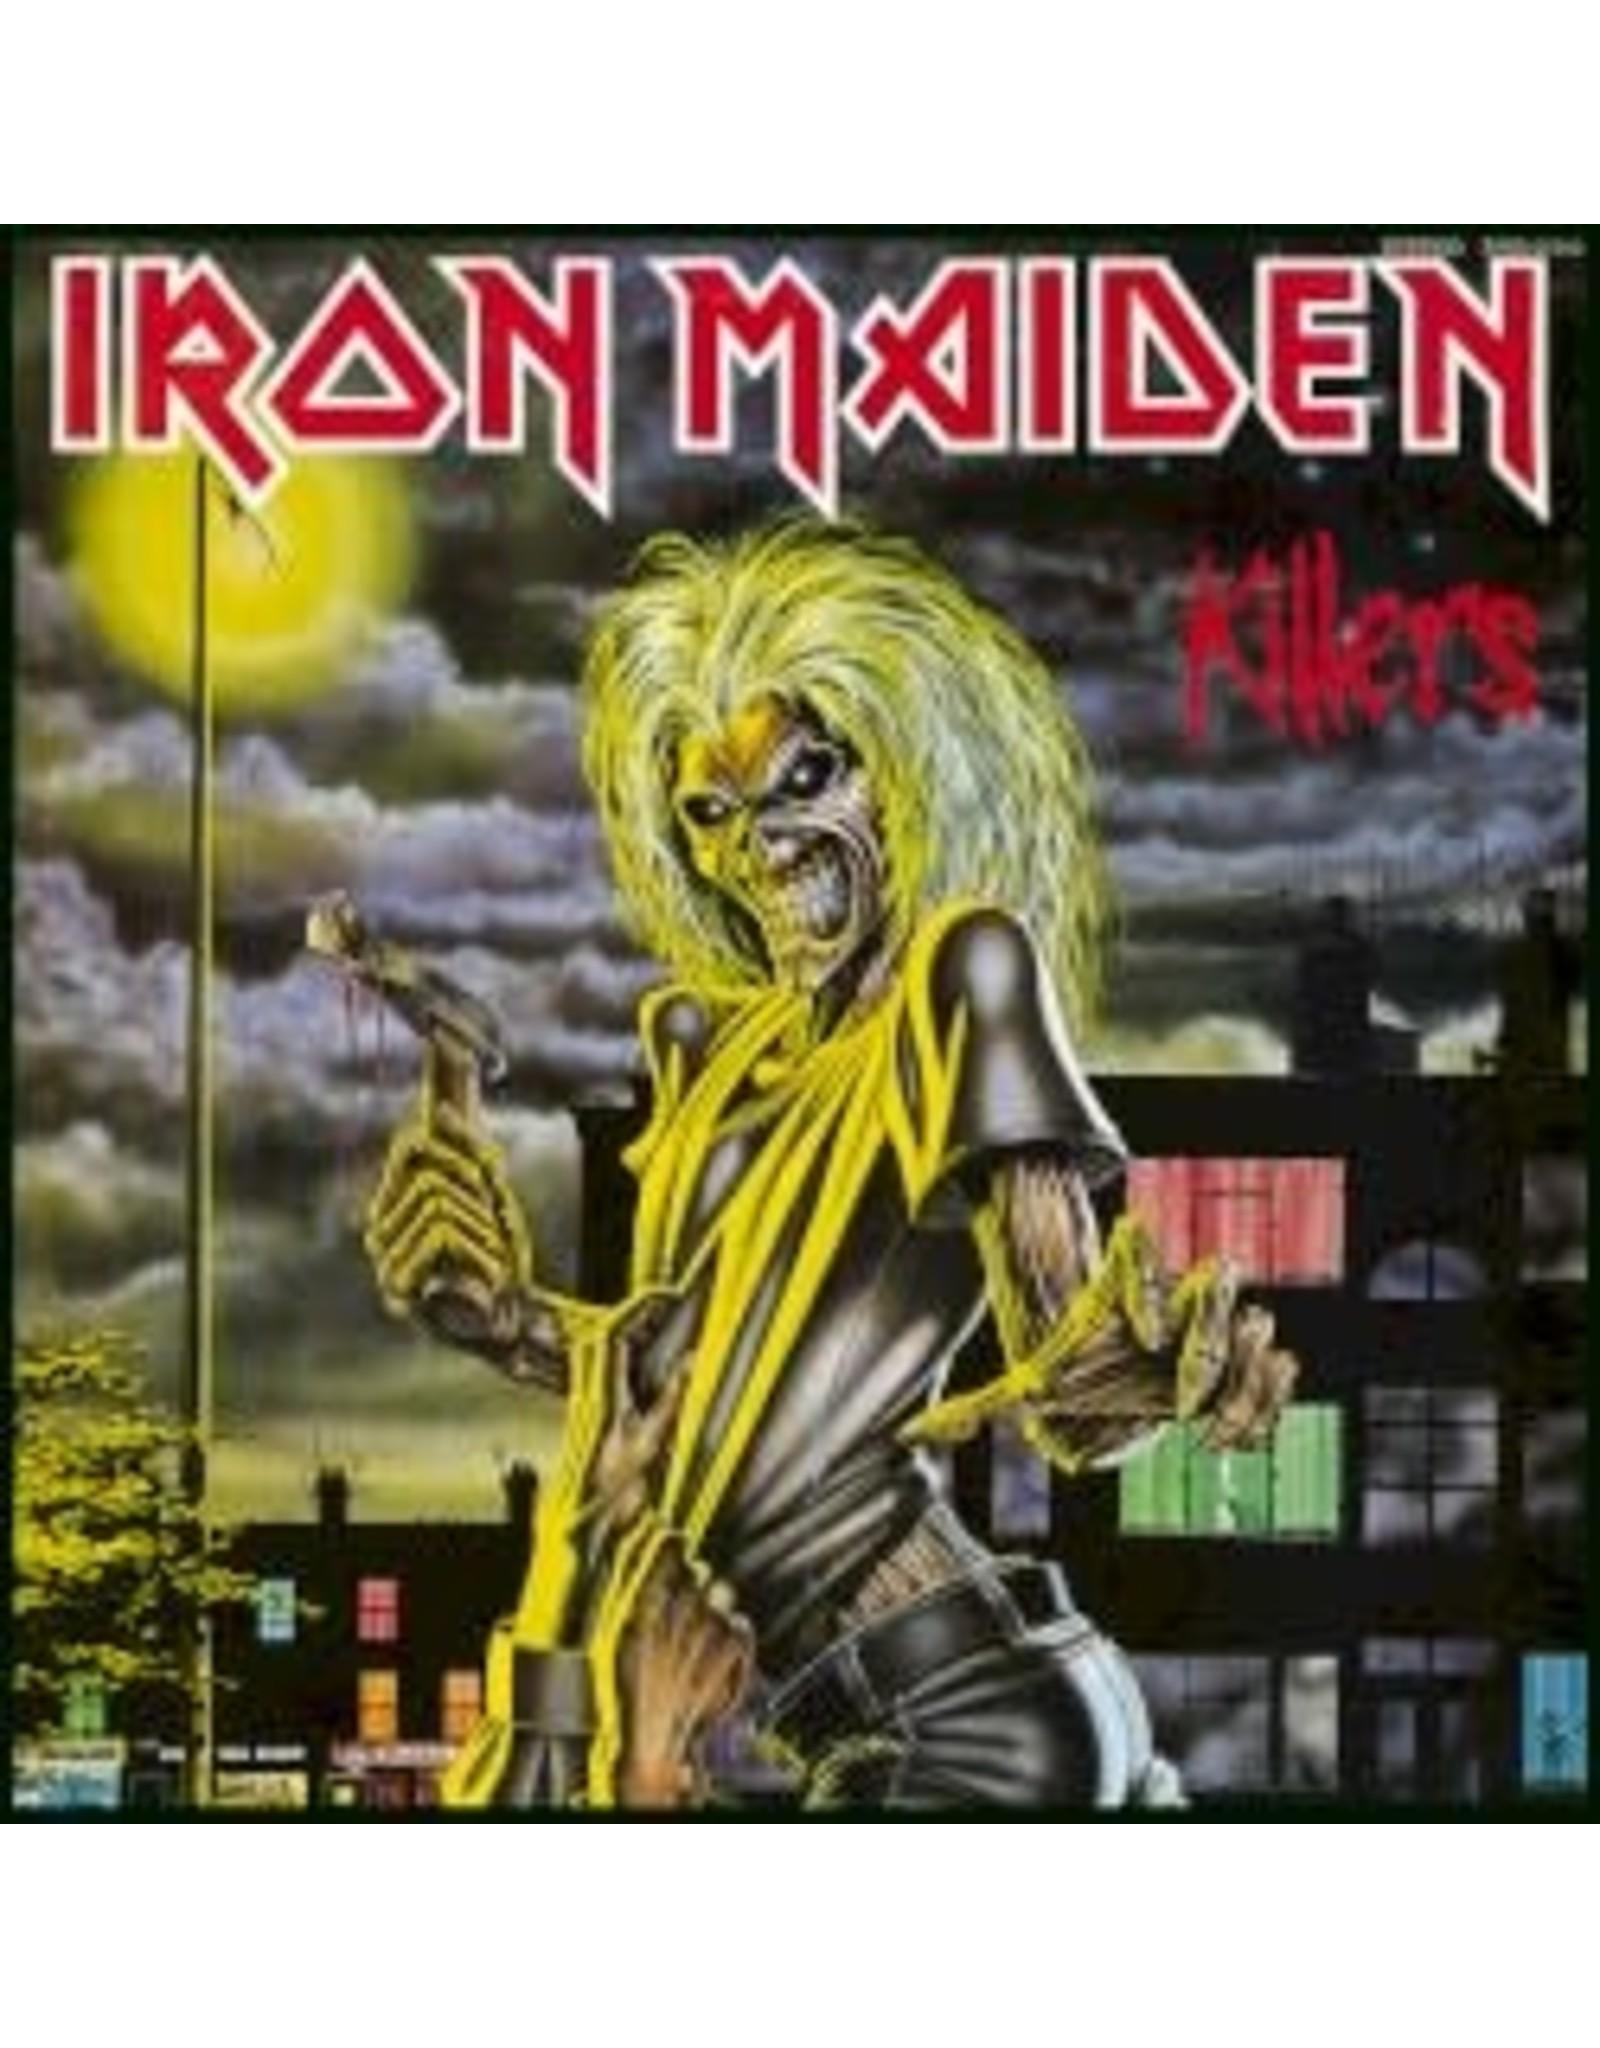 Iron Maiden - Killers LP